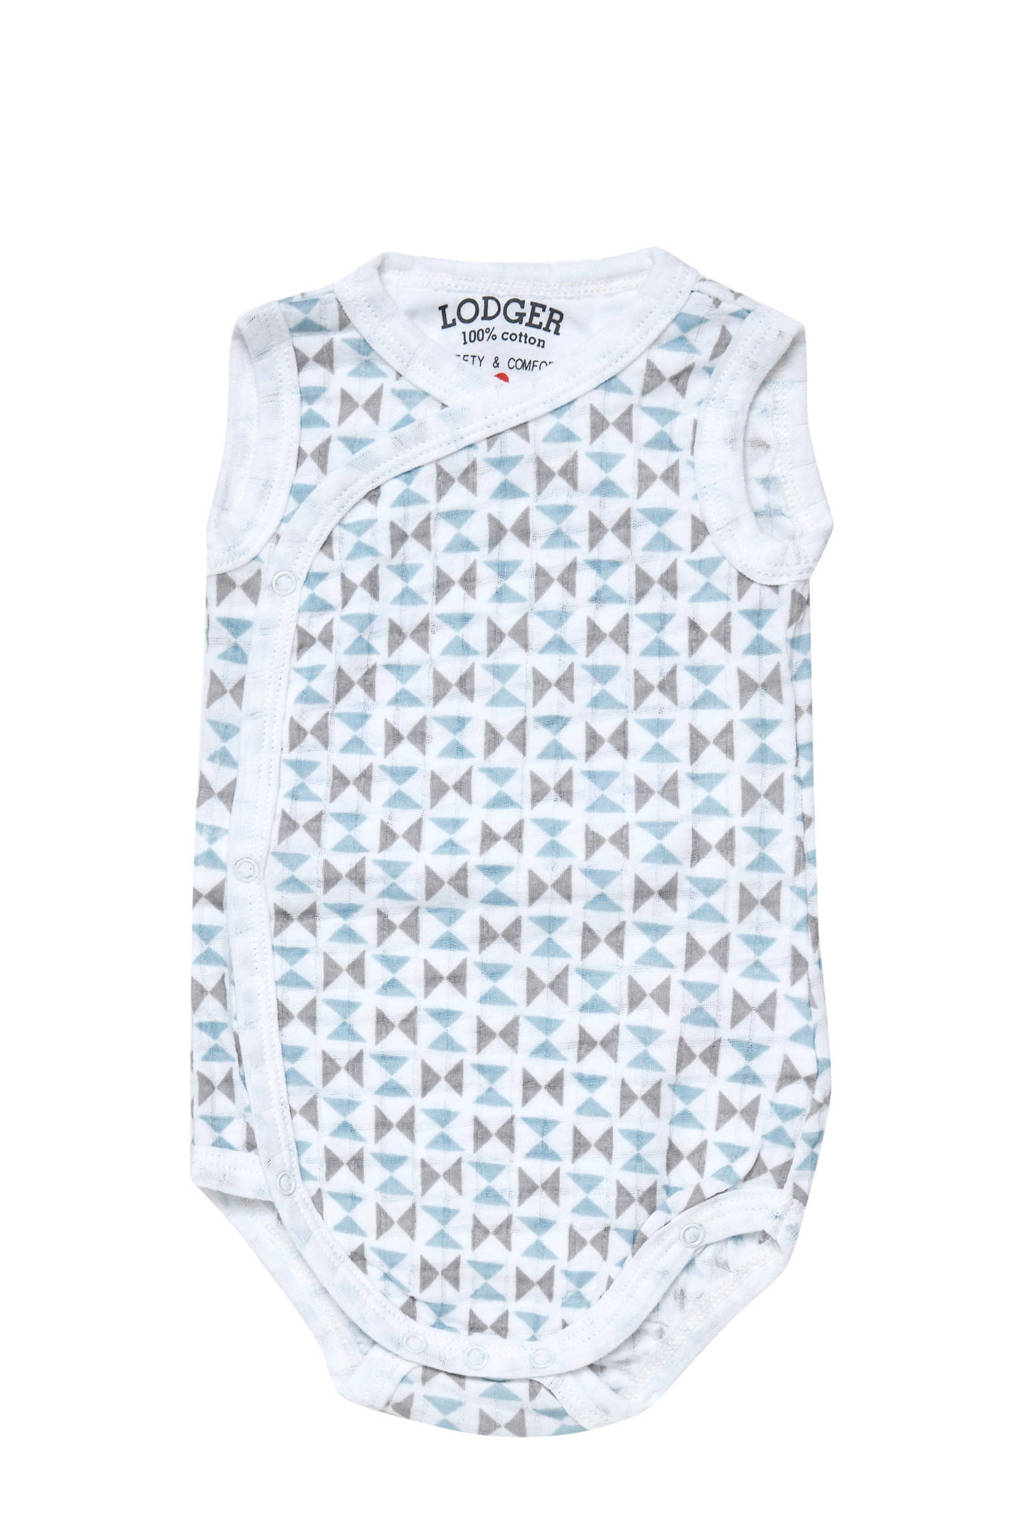 Lodger newborn baby romper Scandinavian, Wit/lichtblauw